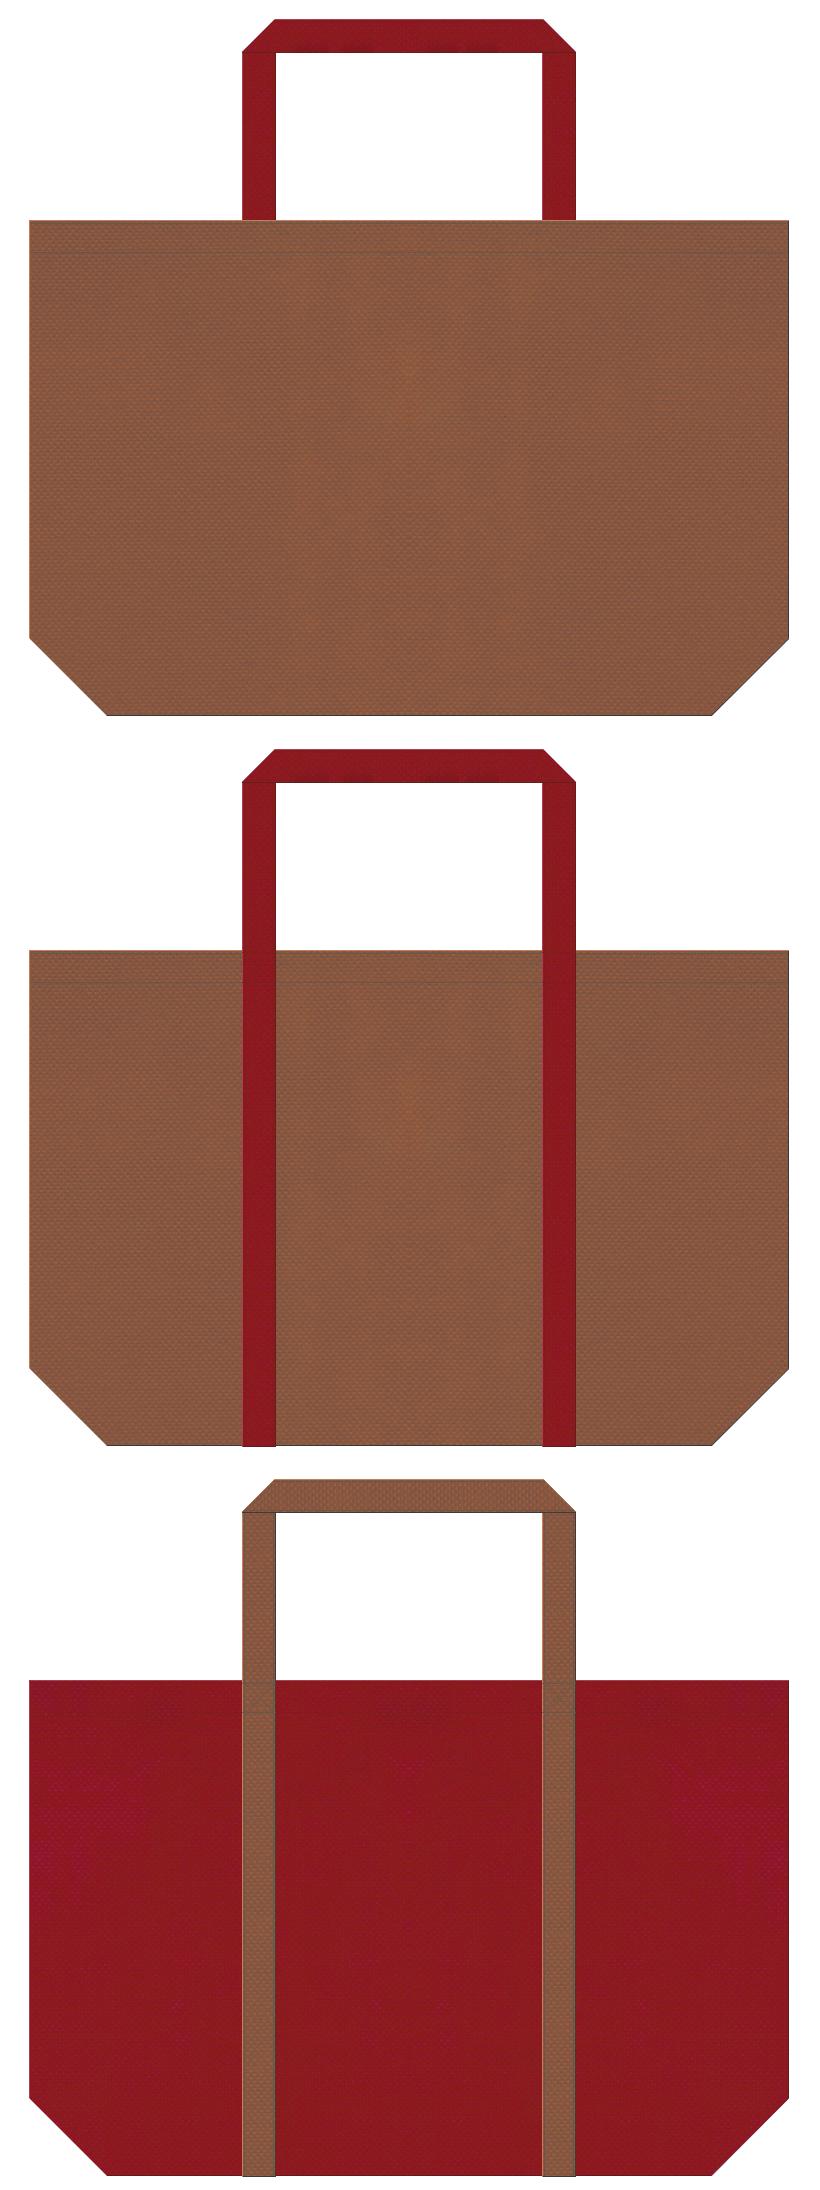 邦楽・伝統芸能・観光旅行・和風催事・赤味噌・醤油・日本料理・せんべい・あられ・あずき・ぜんざい・甘味処・和菓子のショッピングバッグにお奨めの不織布バッグデザイン:茶色とエンジ色のコーデ